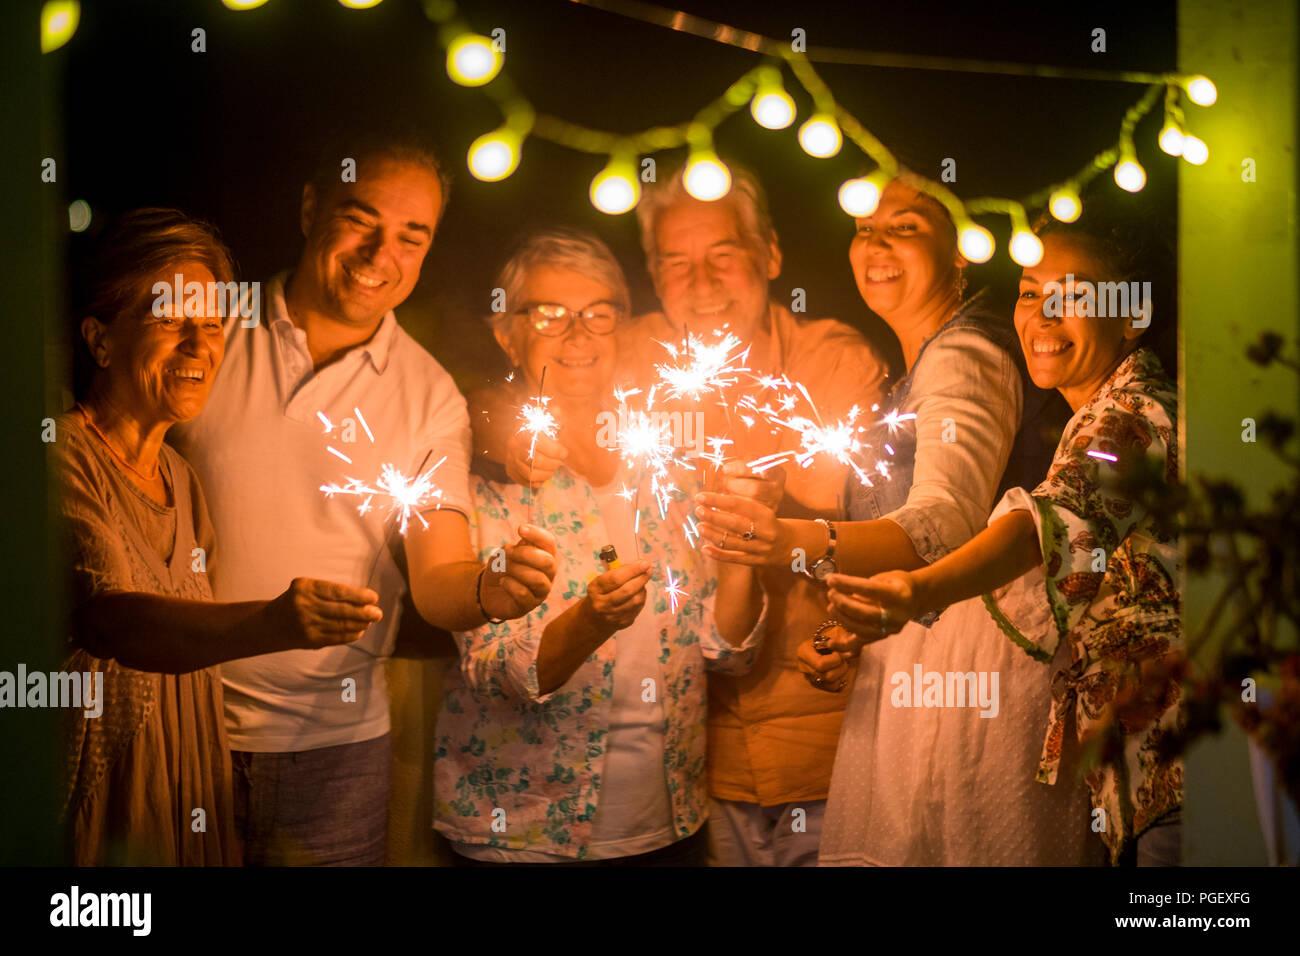 Gruppe von Menschen feiern ein Ereignis wie Silvester oder zum Geburtstag alle zusammen mit funkelt das Licht in der Nacht im Dunkeln. lächeln und Spaß in Frie Stockbild